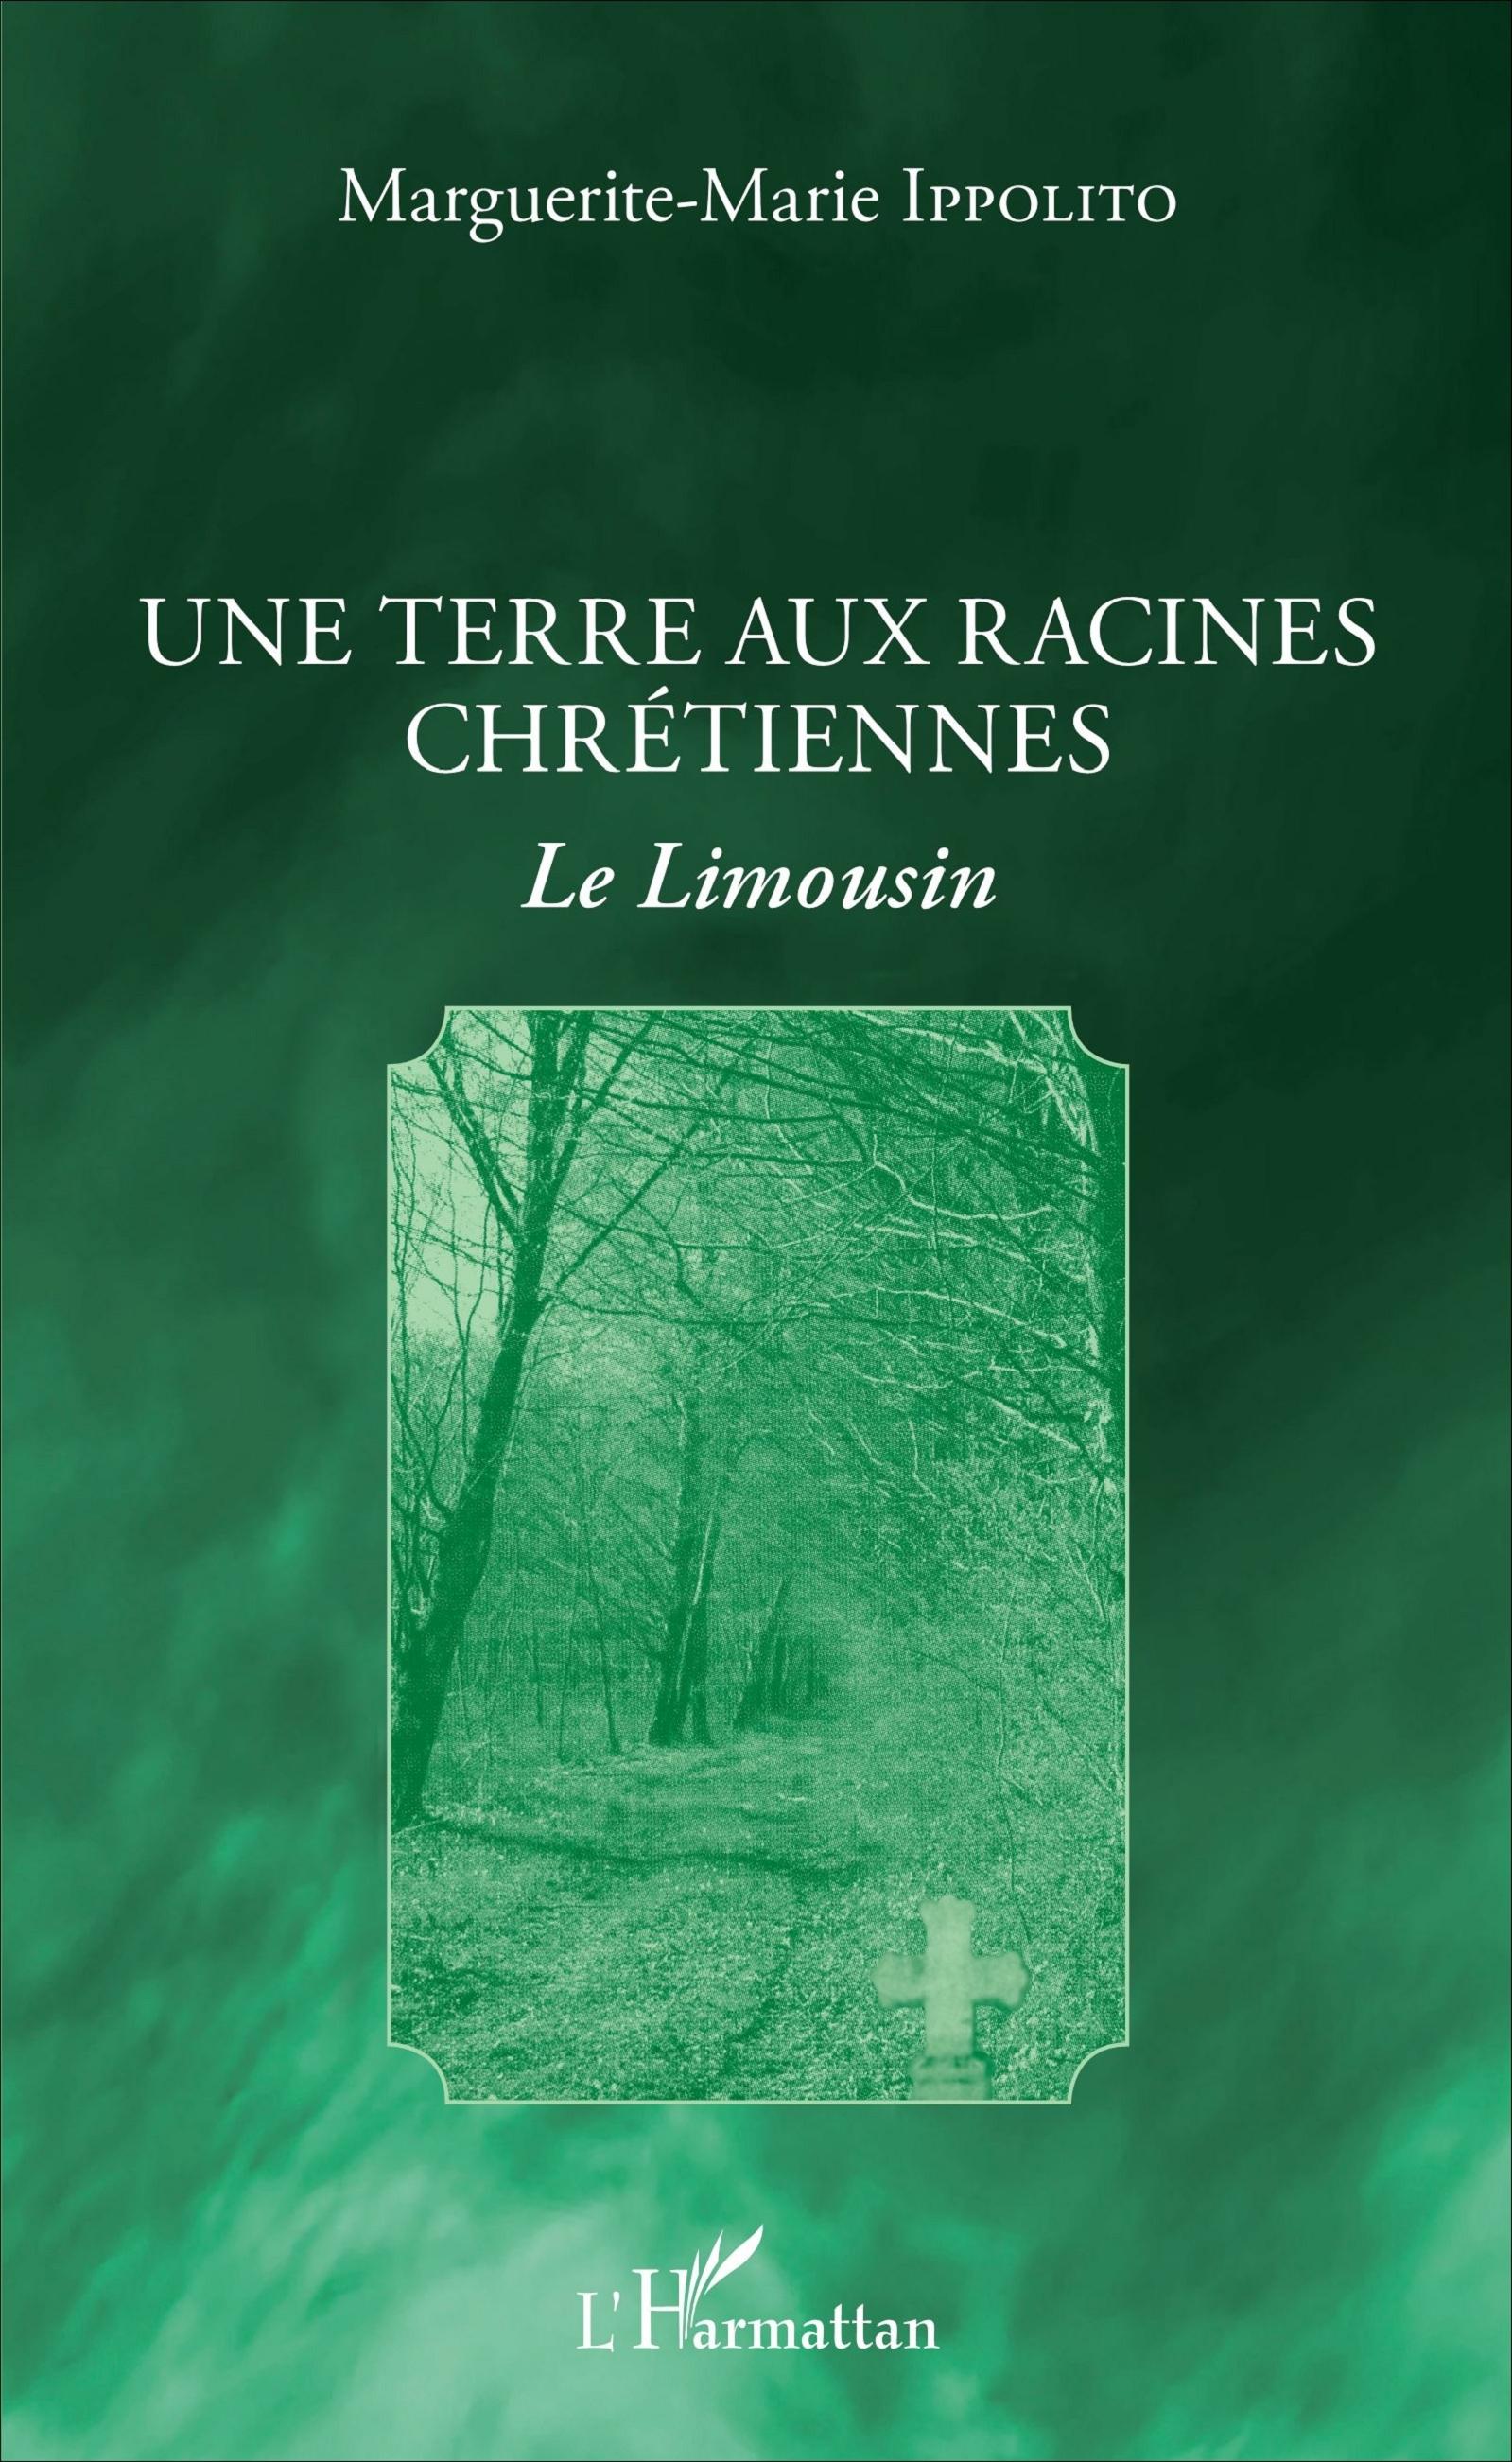 TERRE AUX RACINES CHRETIENNES (UNE) LE LIMOUSIN